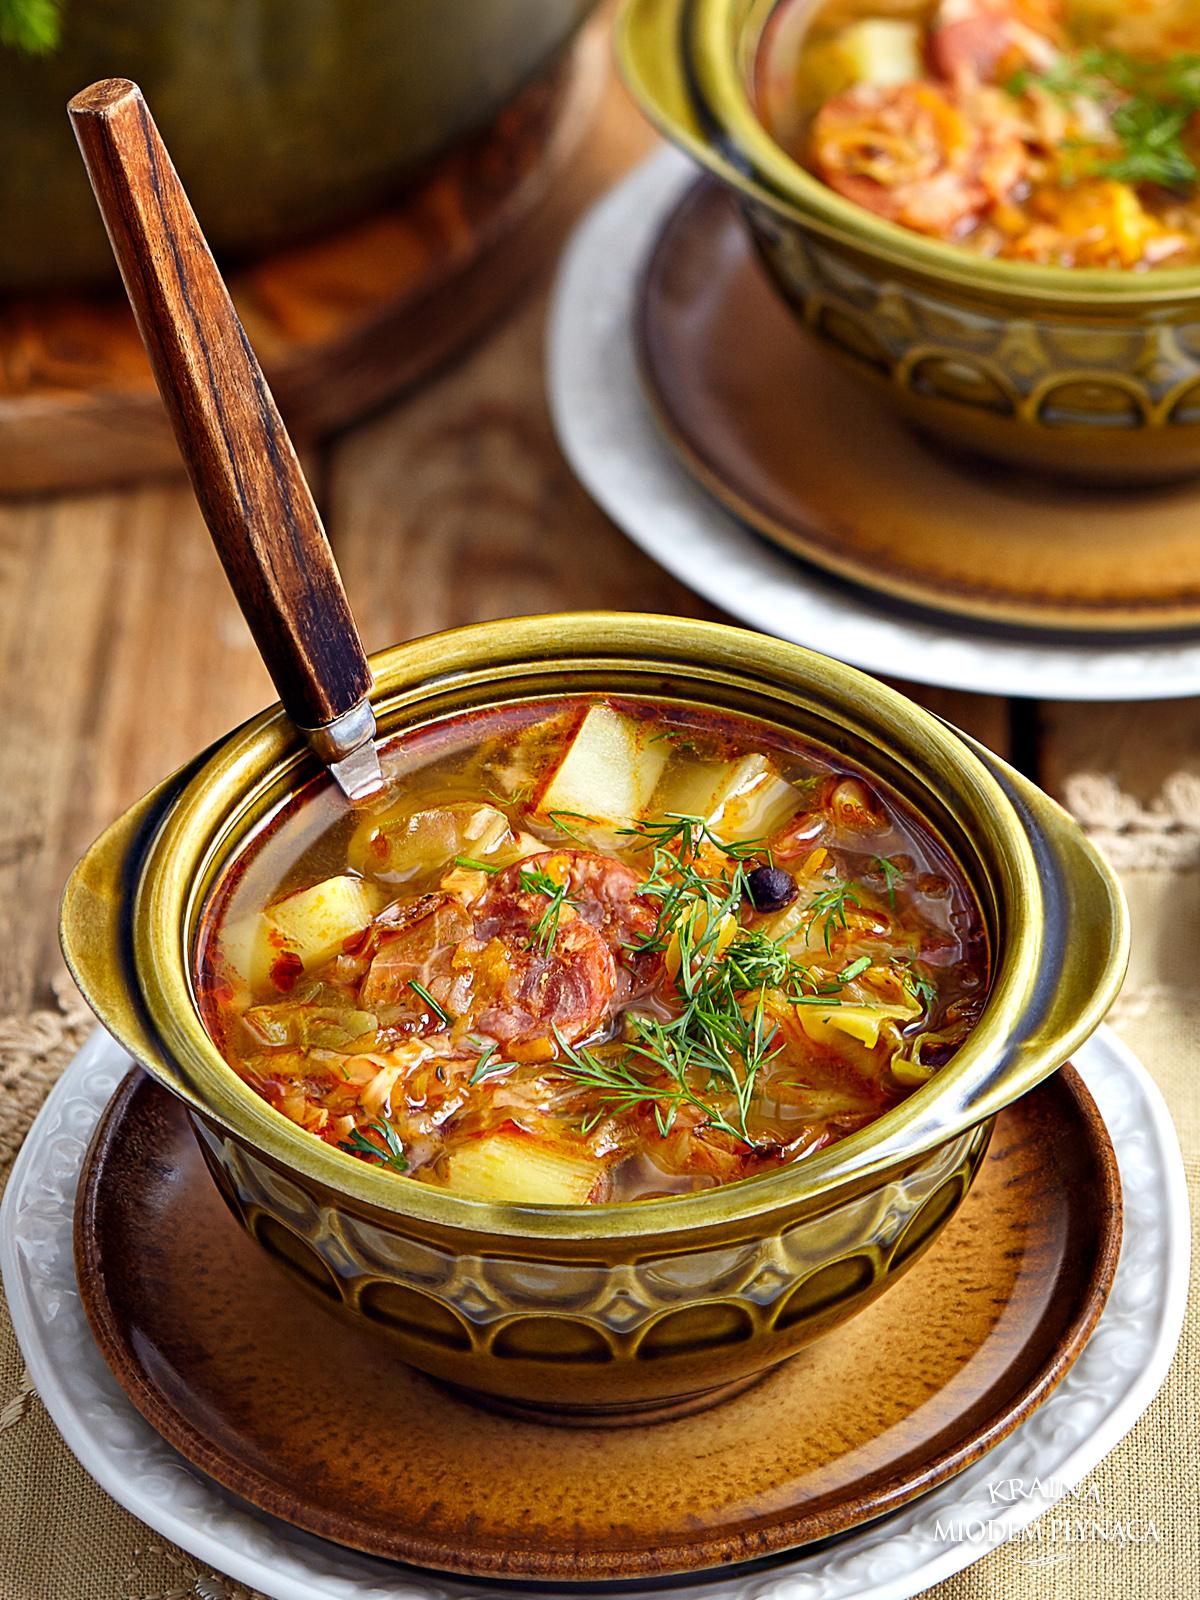 zupa z młodej kapusty z kiełbaską, zupa z młodą kapustą, młoda kapusta, zupa z kiełbasą, zupa warzywna z kiełbasą, kraina miodem płynąca